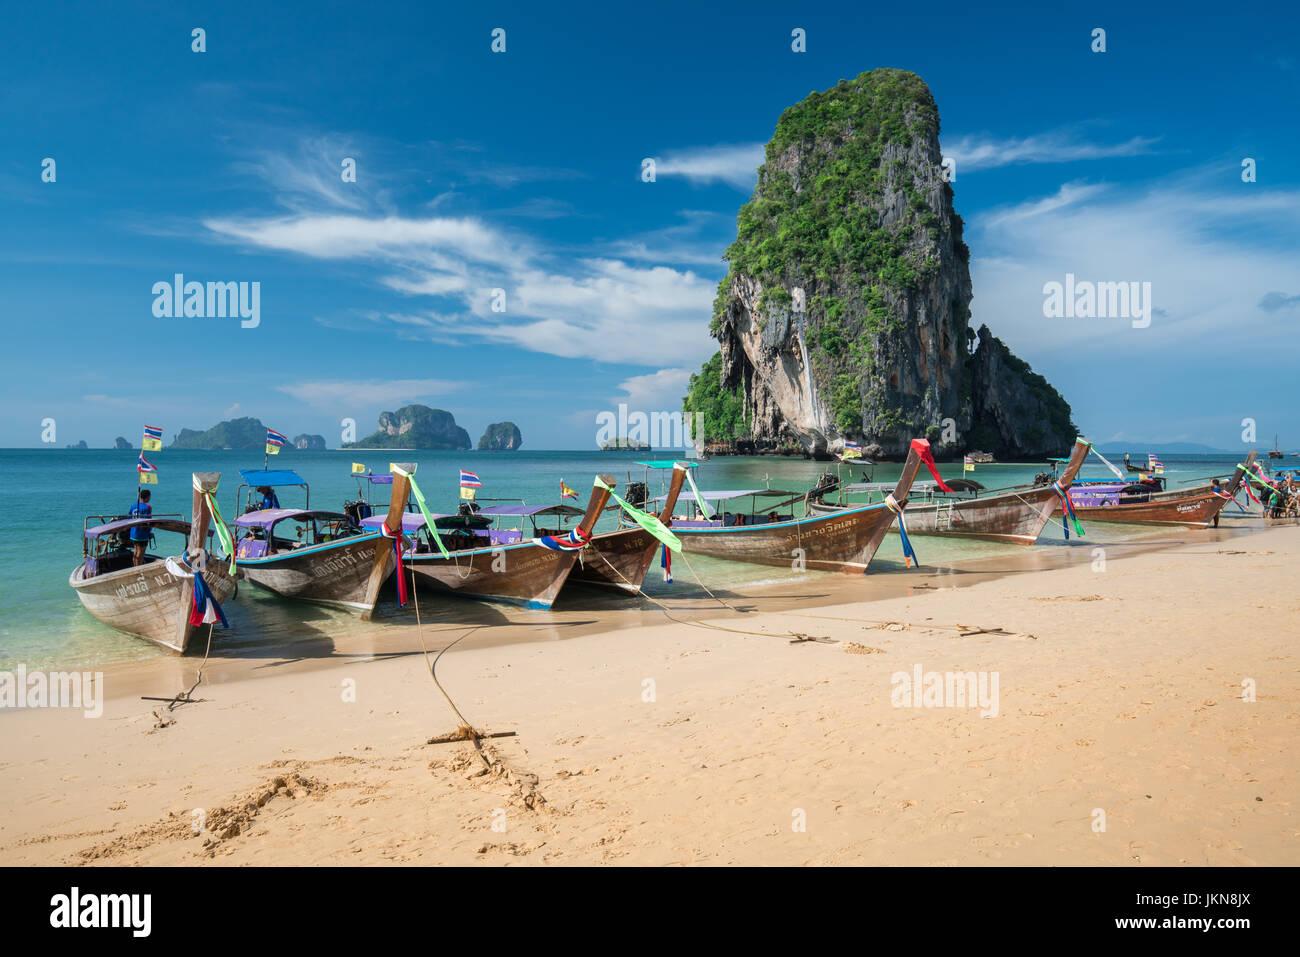 KRABI, THAILAND - 5 Dezember: Bunte Longtailboote an schönen Ao Nang Strand auf einem Hintergrund des blauen Stockbild